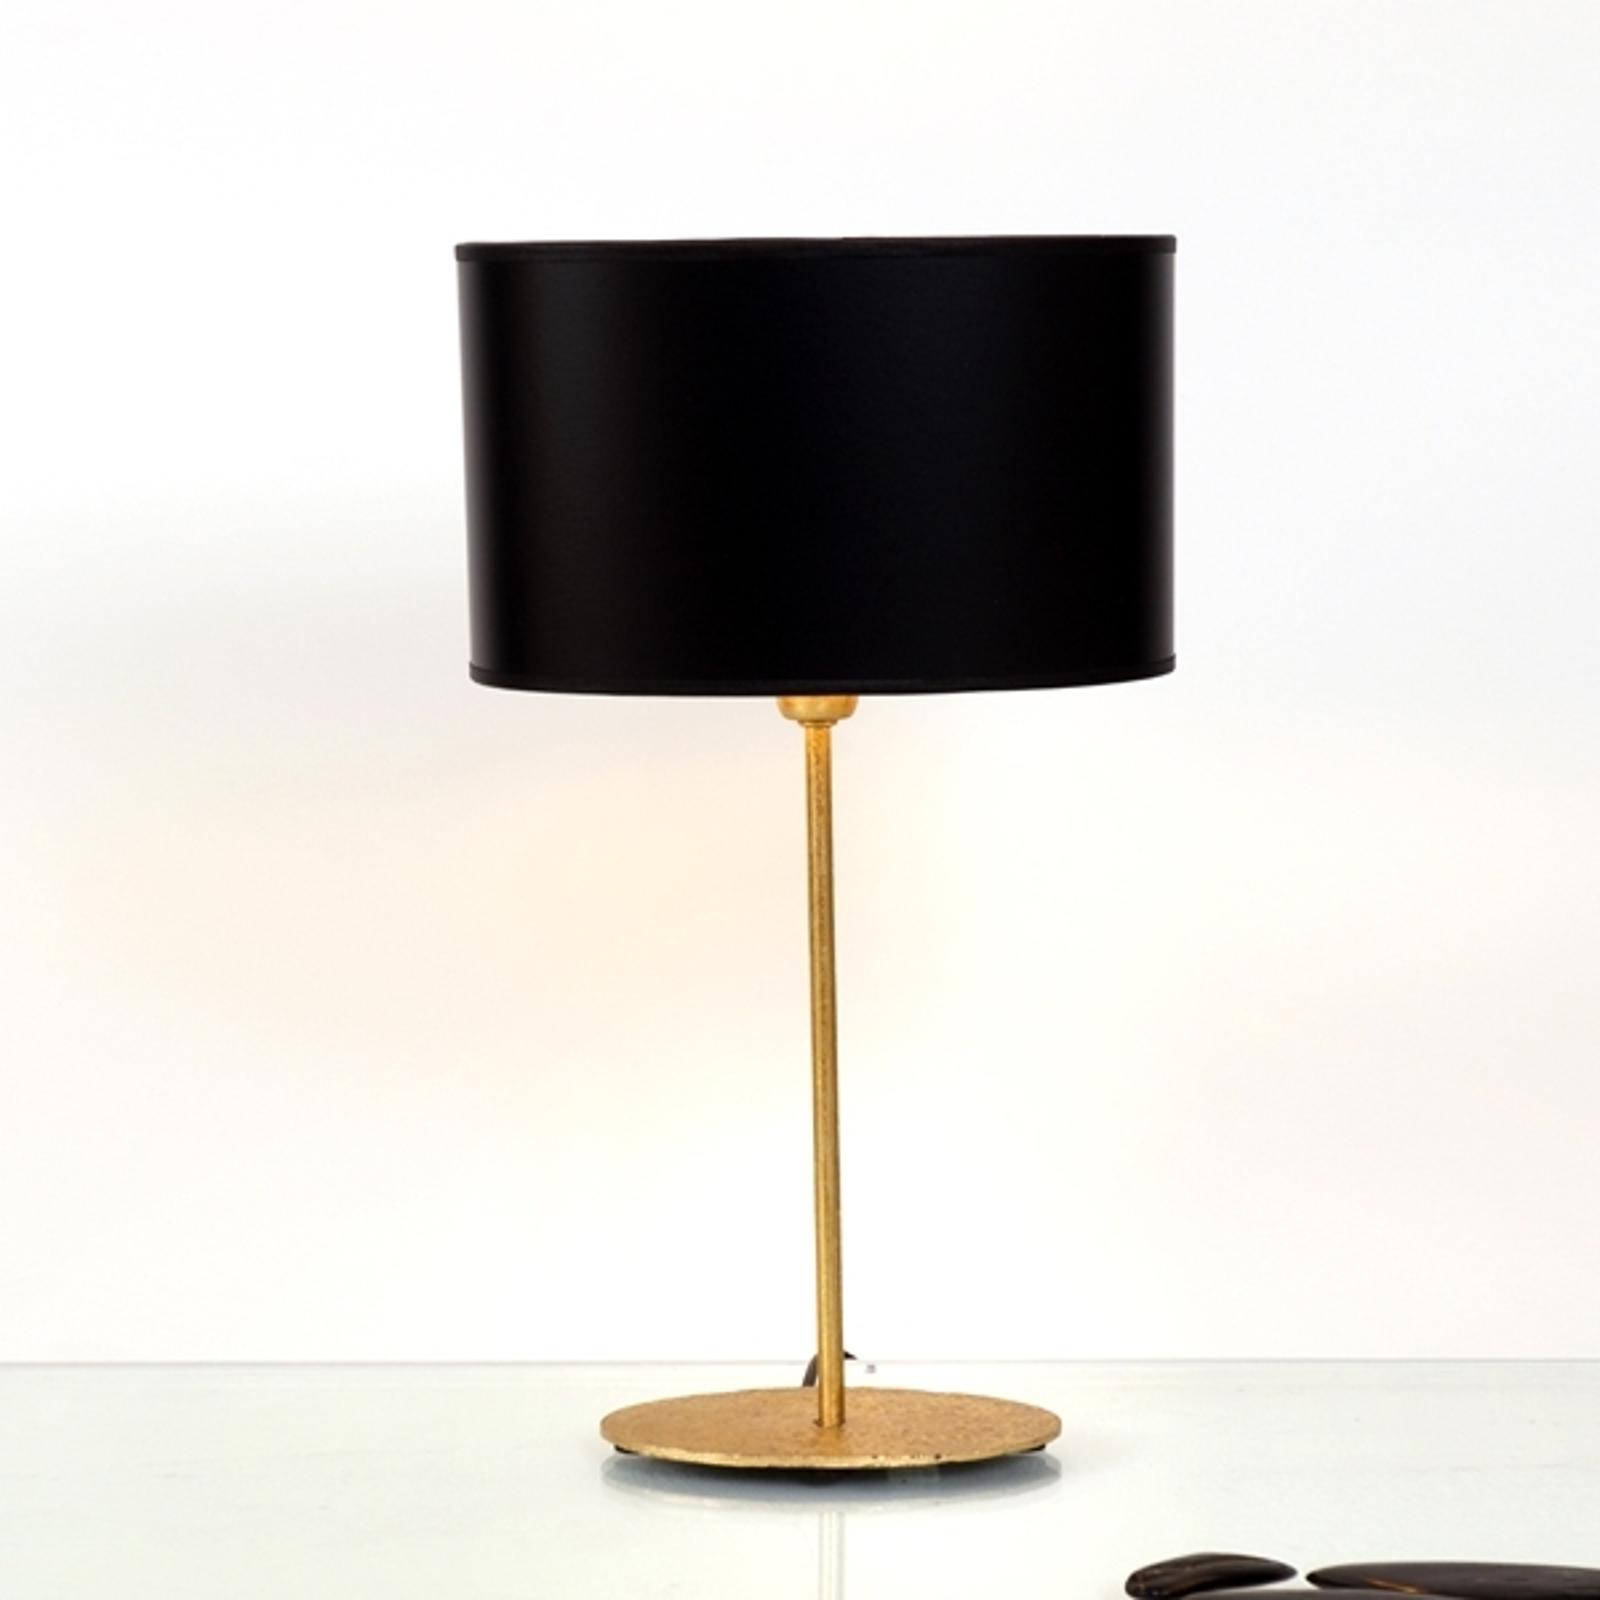 Tischlampe Mattia mit ovalem Schirm in Schwarz